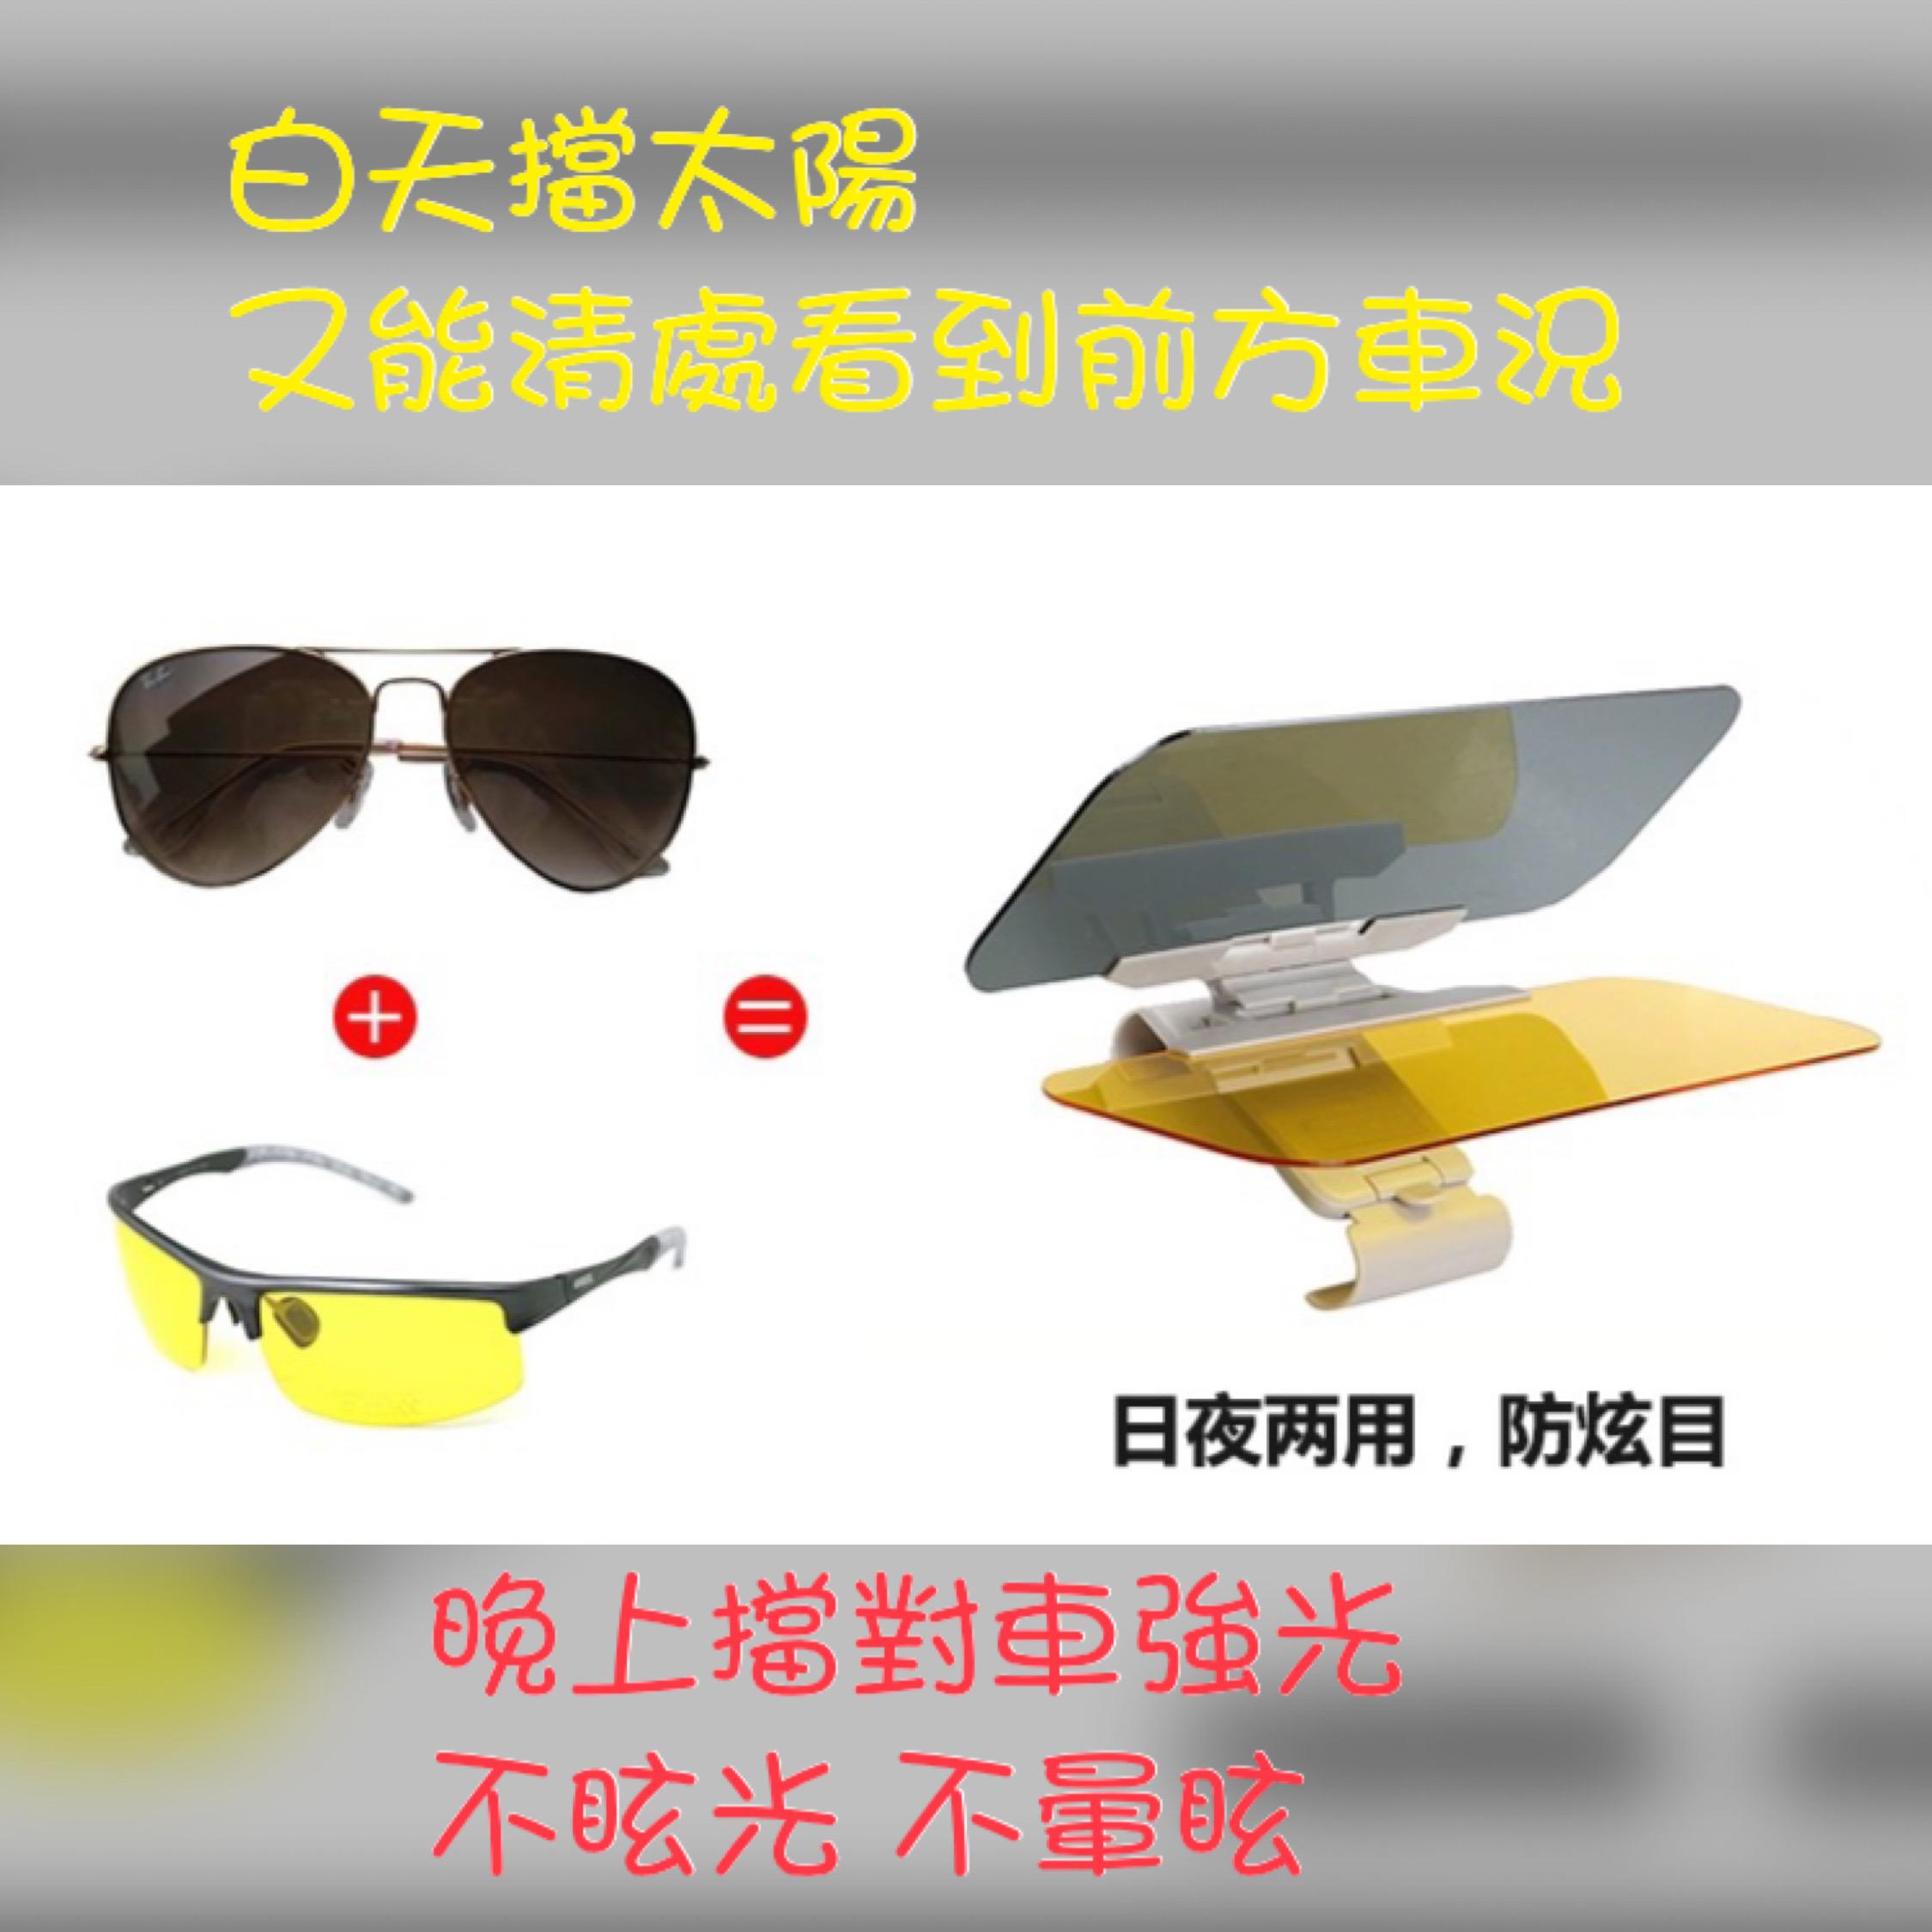 汽車遮陽 汽車日夜兩用太陽墨鏡 護目鏡 防刺眼防眩鏡片夾 車載遮陽板 偏光避光板